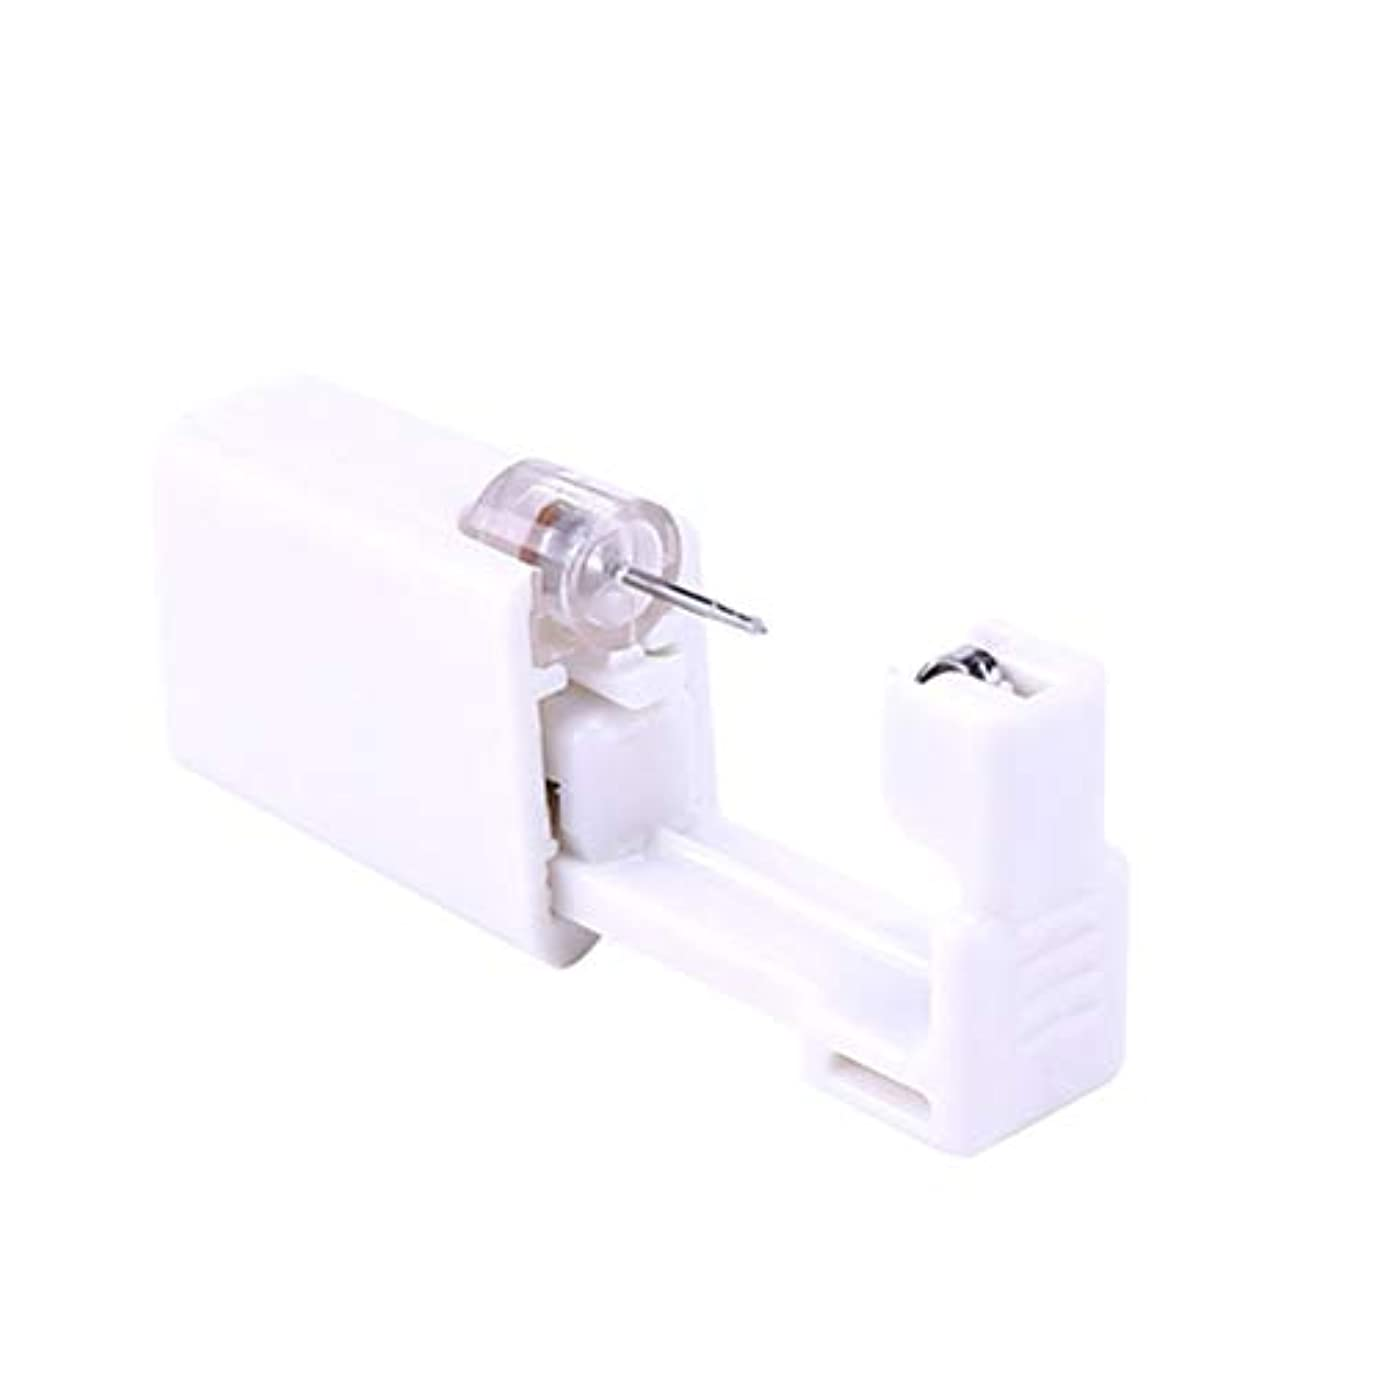 前書き引き渡すパンチSUPVOX 2本使い捨て耳ピアスガンボディピアスガンピアスツールピアスデバイス(ホワイト)